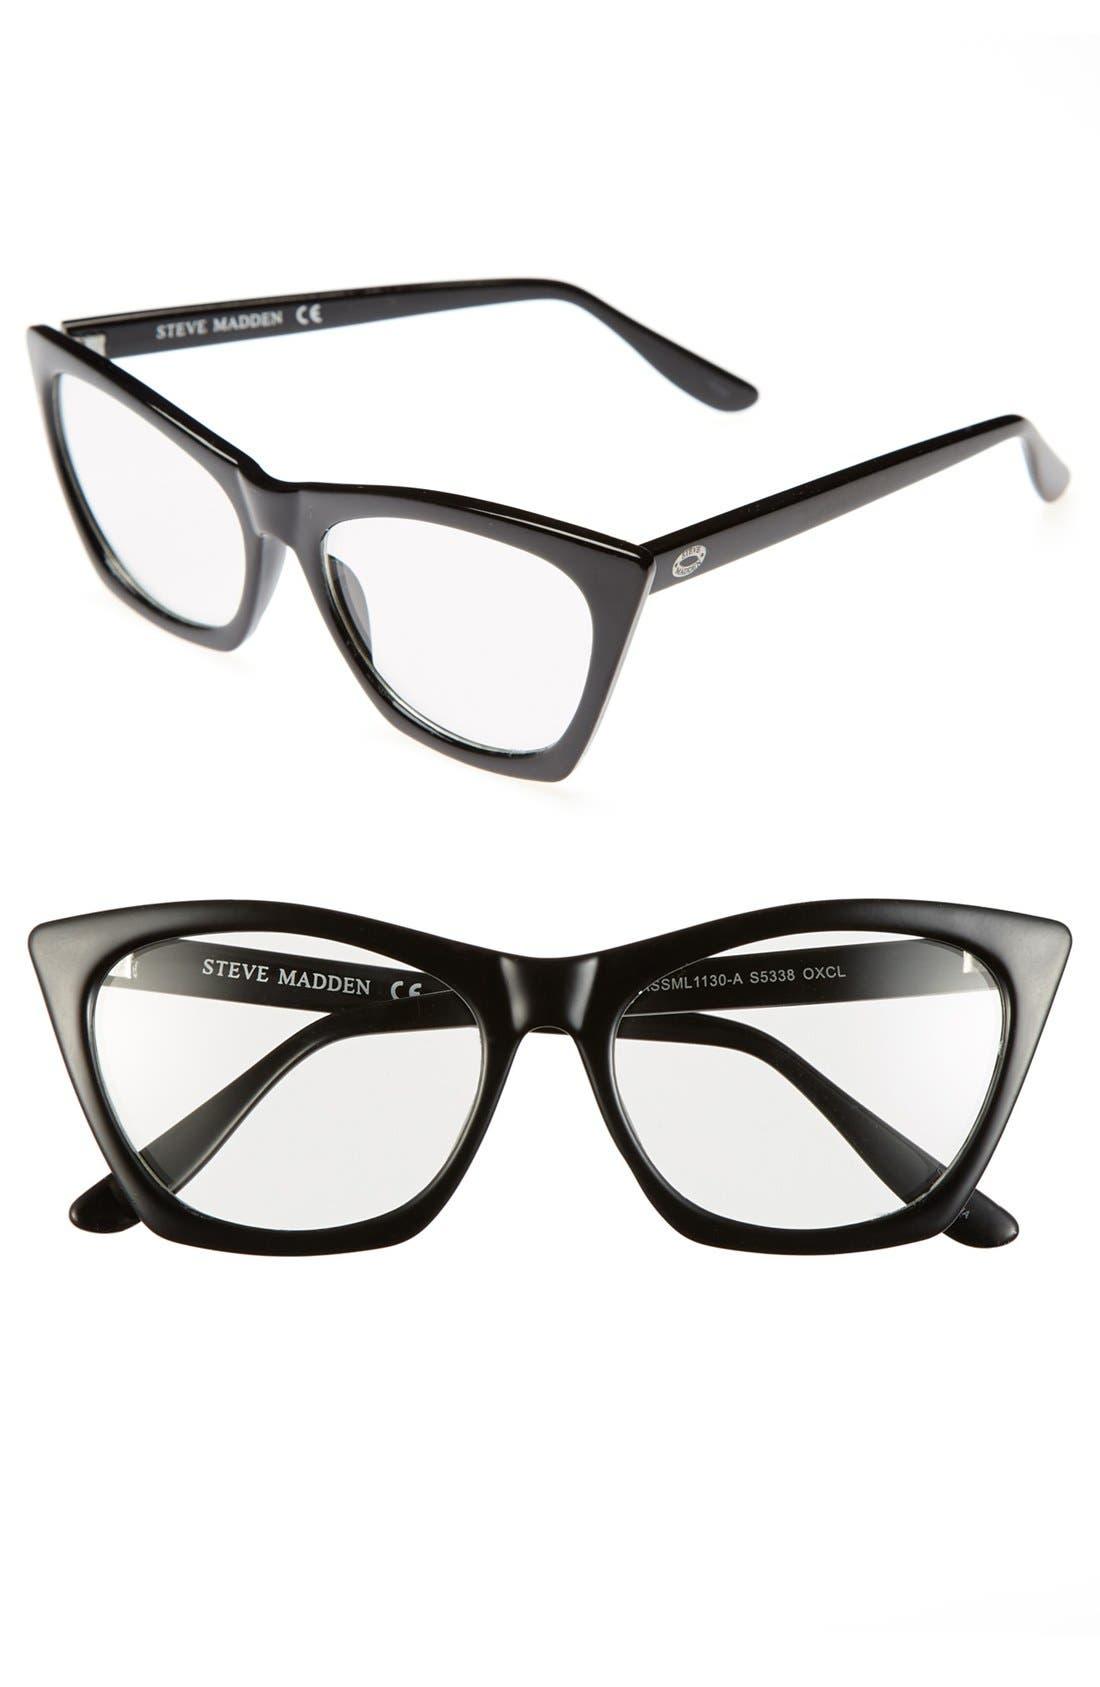 Alternate Image 1 Selected - Steve Madden Retro Fashion Glasses